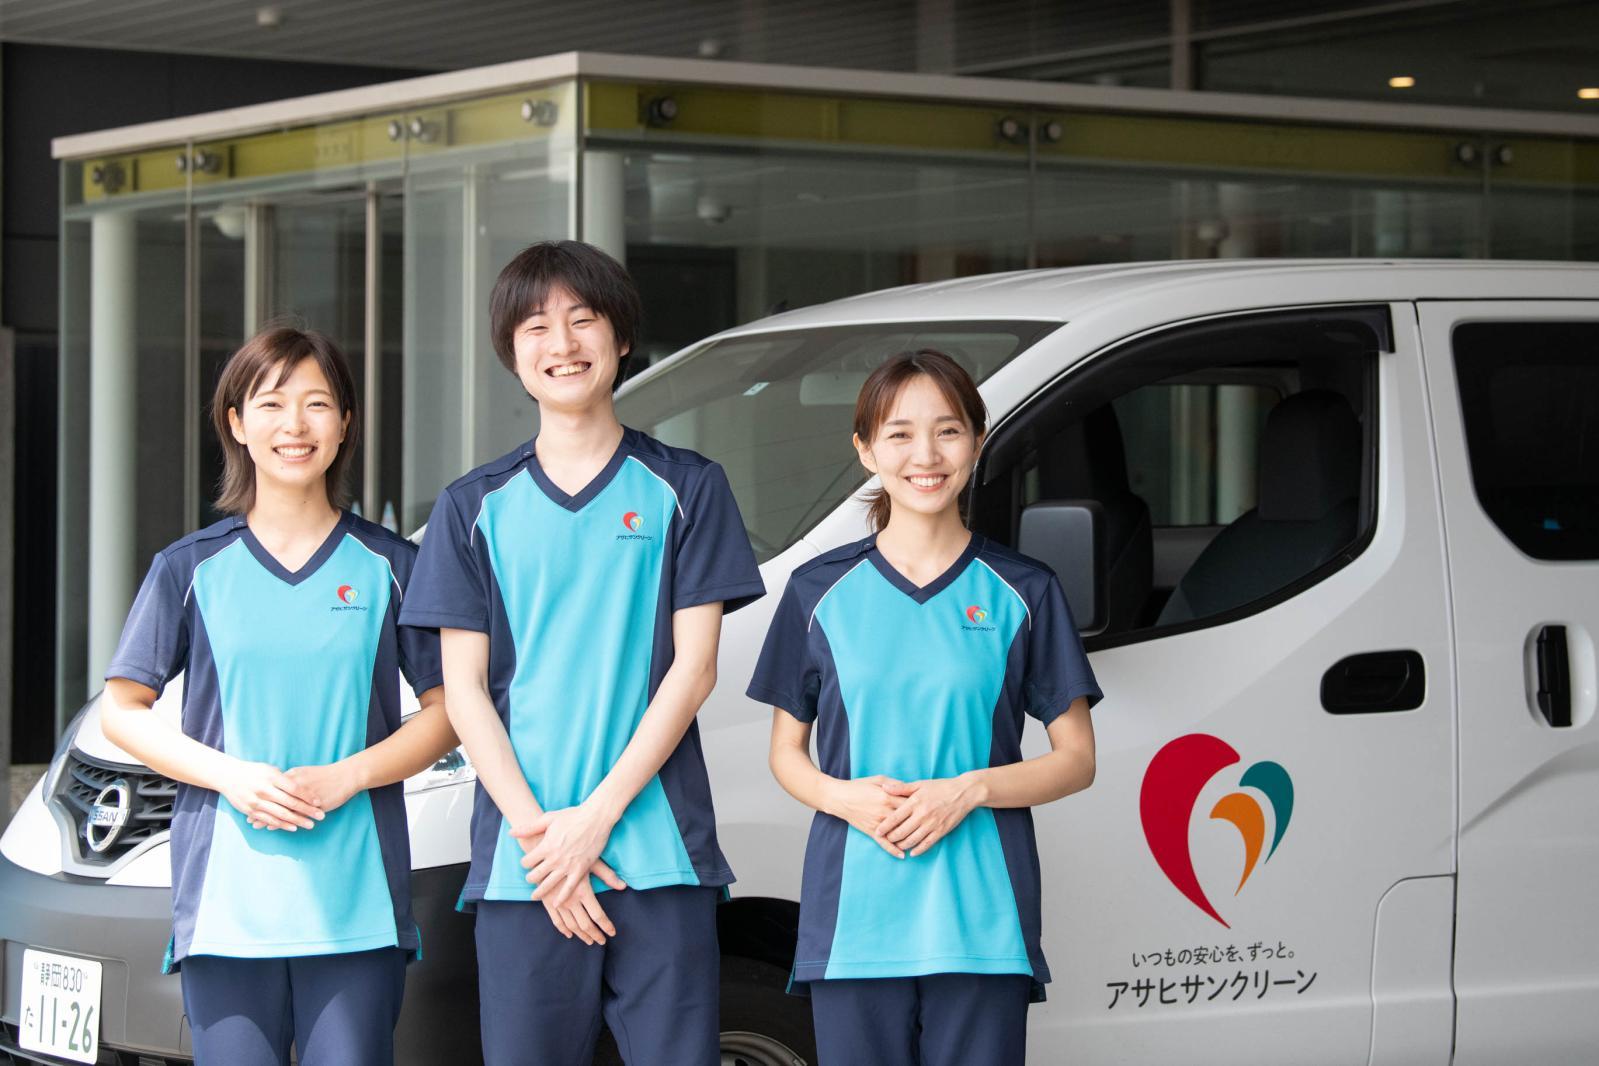 アサヒサンクリーン在宅介護センター西東京のアルバイト情報